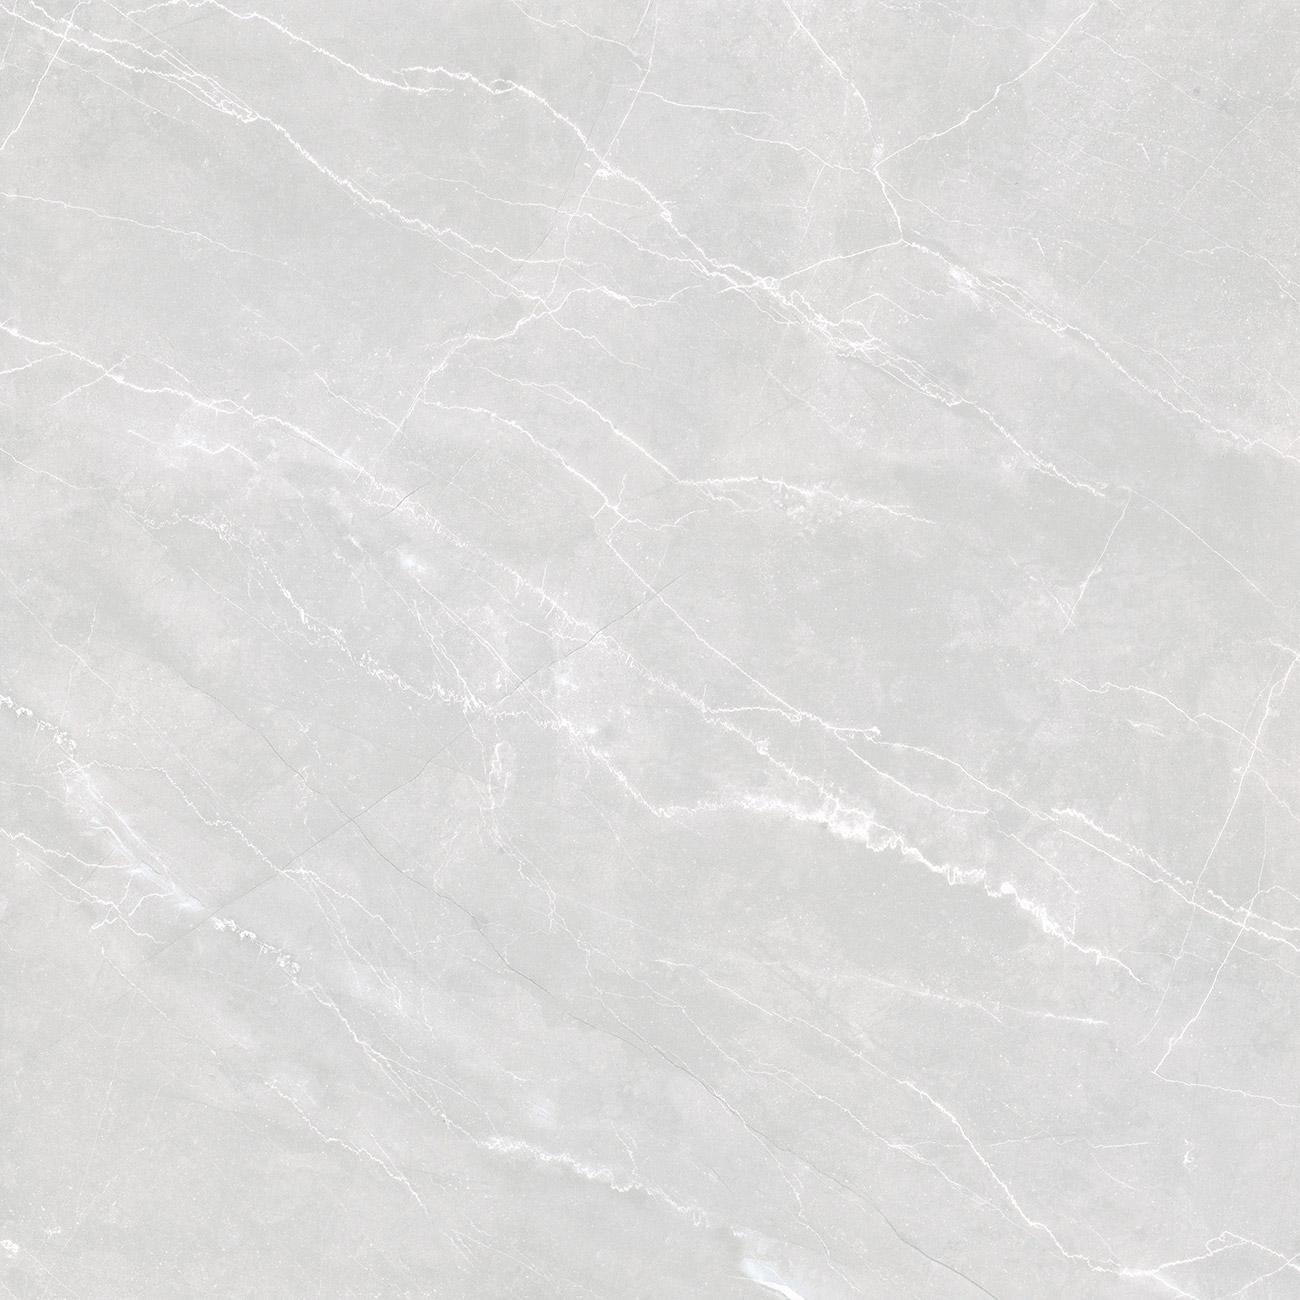 布尔诺-浅灰 HYEG90008,900X900mm HYEG26008,600X1200mm